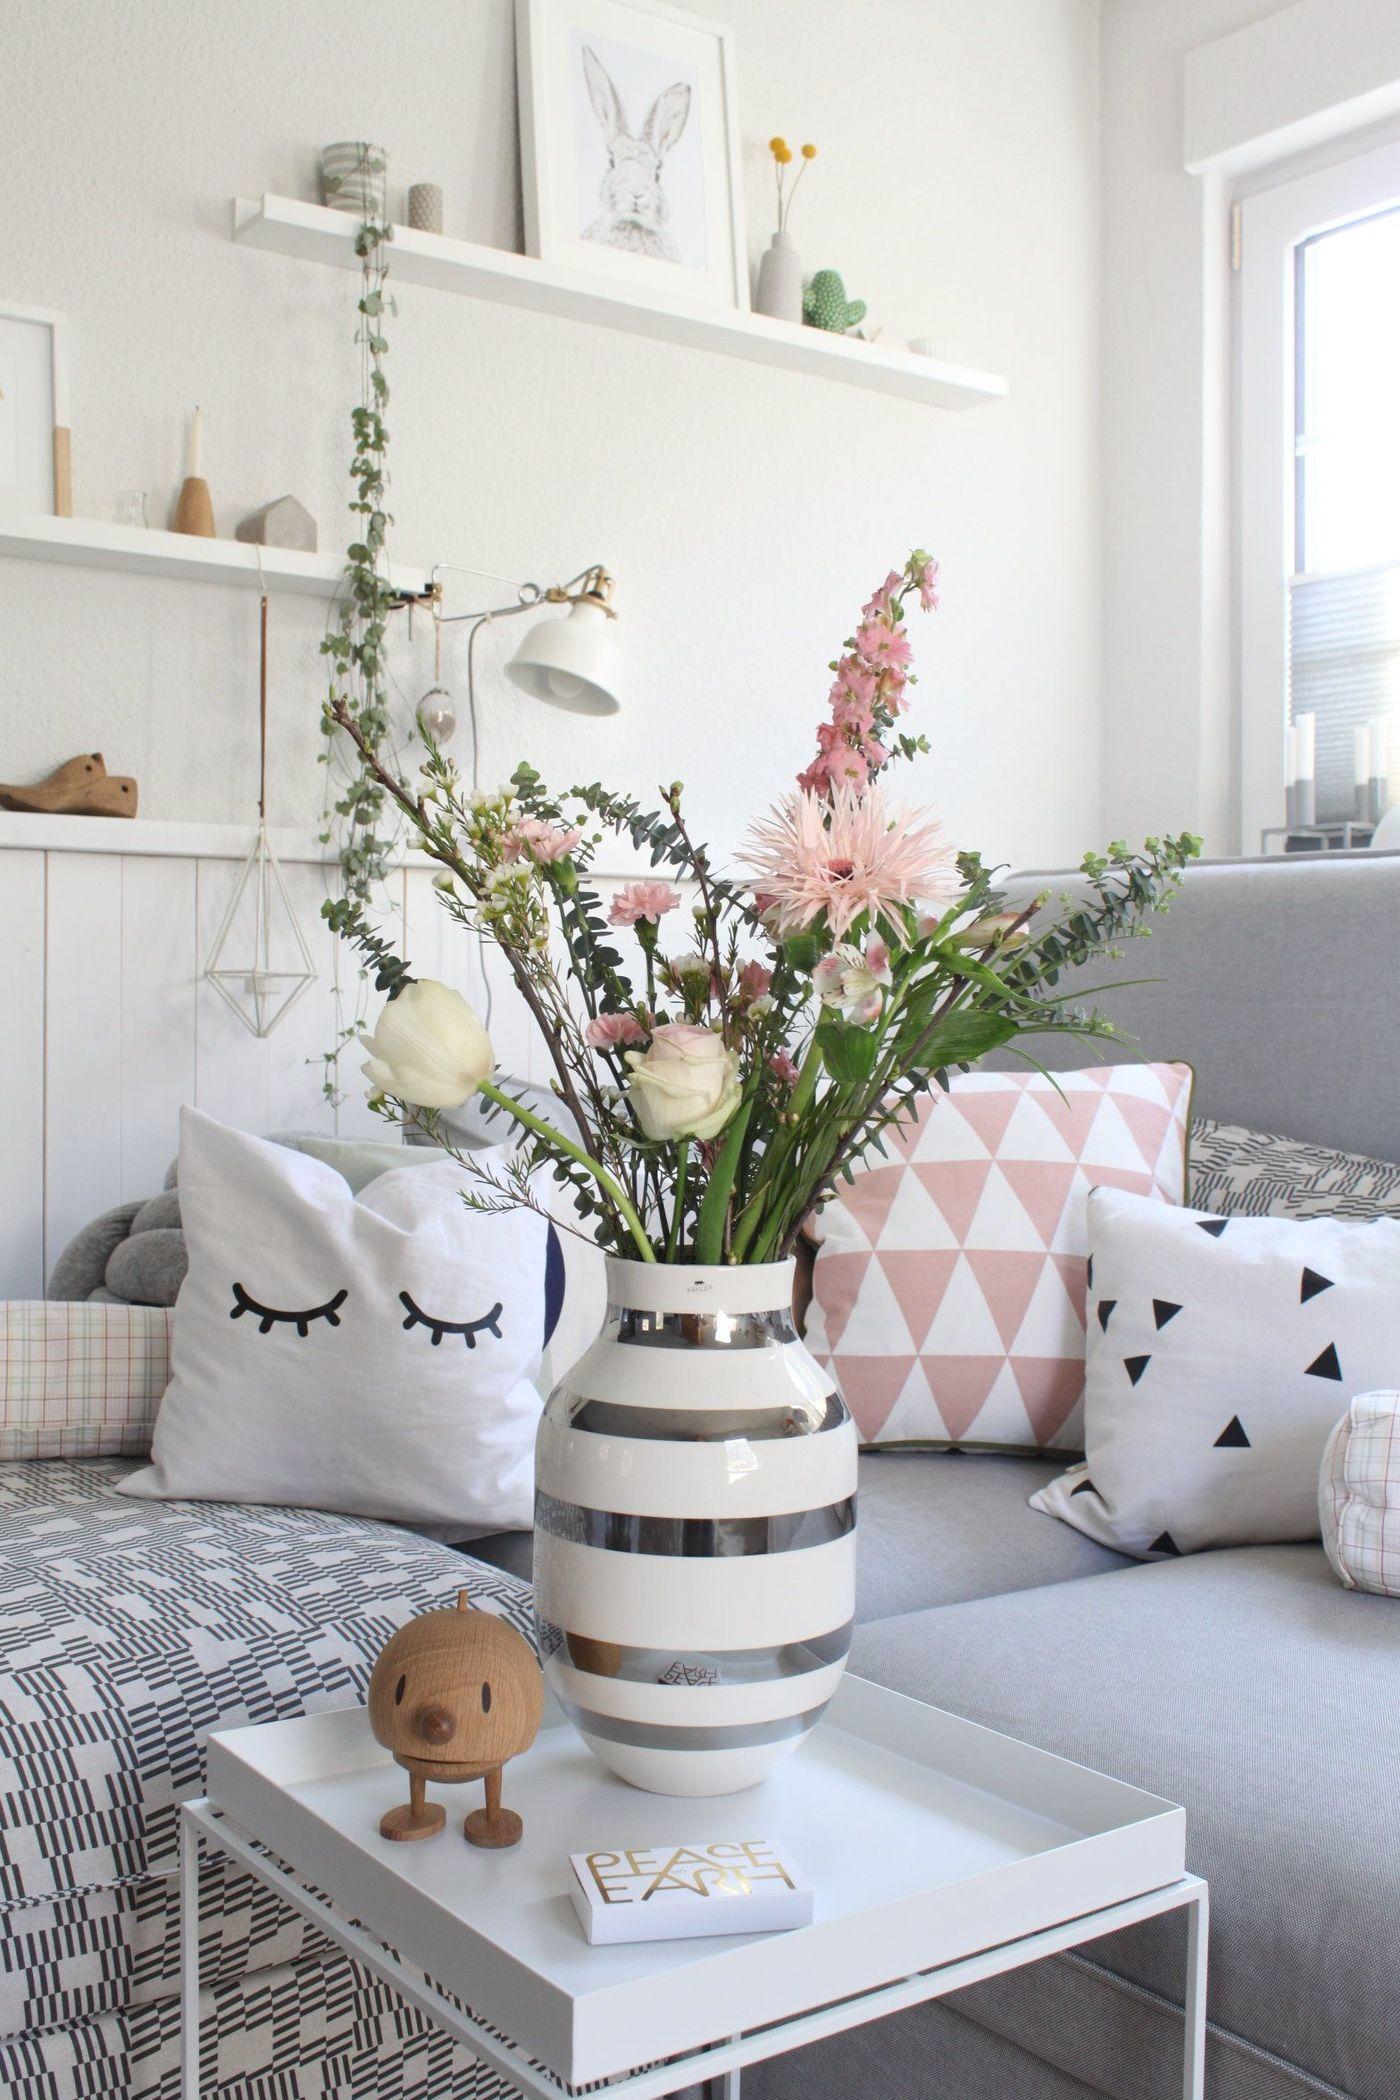 Full Size of Ideen Und Inspirationen Fr Ikea Regale Sofa Mit Schlaffunktion Modulküche Miniküche Küche Kaufen Kosten Betten 160x200 Bei Wohnzimmer Wandregale Ikea